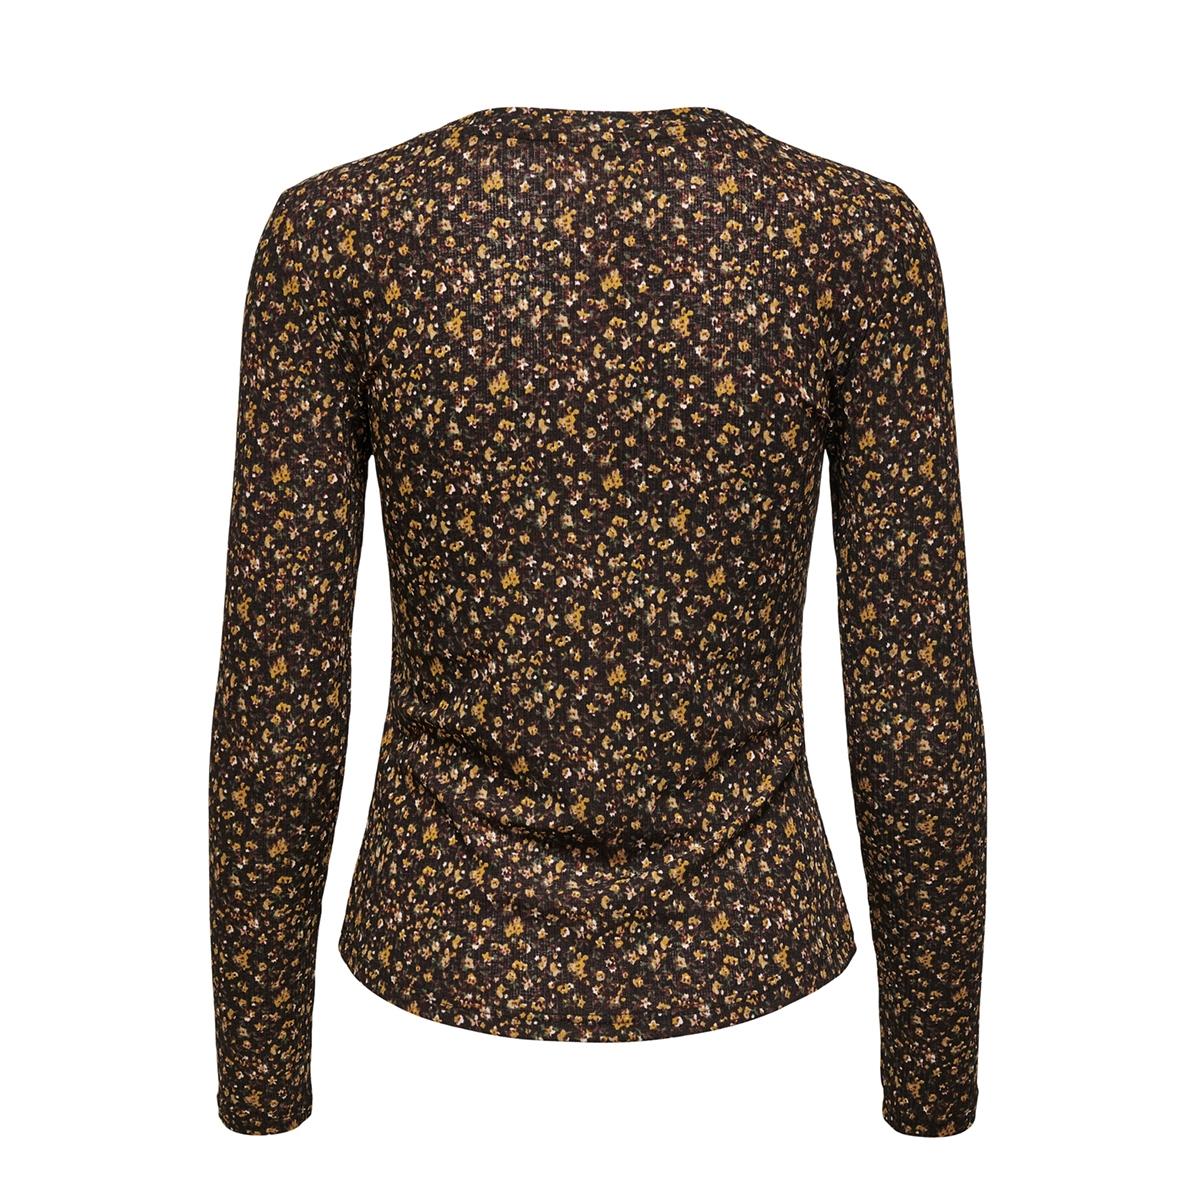 jdysvan l/s top jrs 15208205 jacqueline de yong t-shirt black/repeat flower